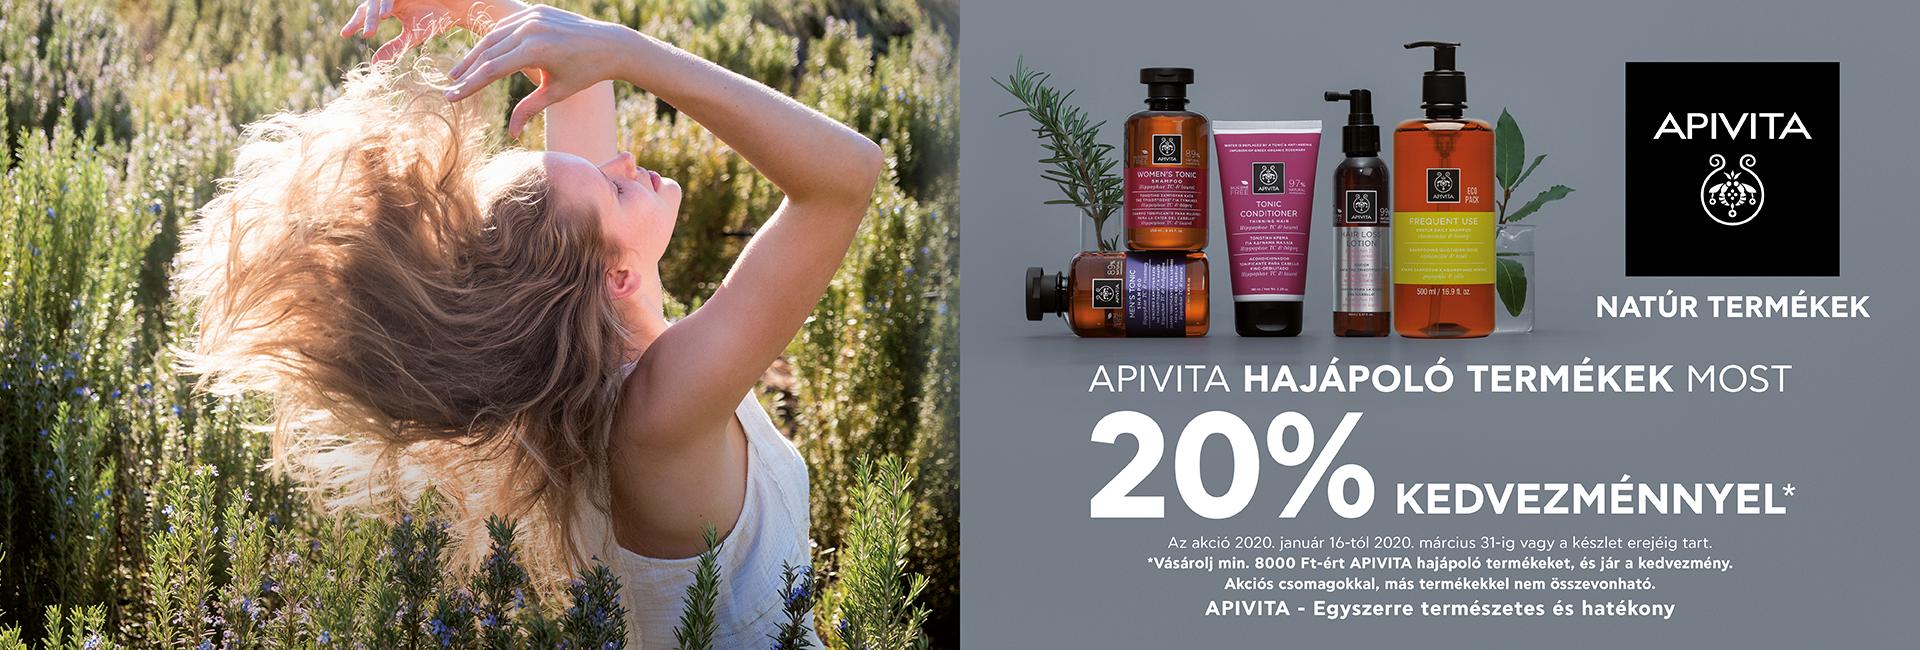 2020. január 16. és március 31. között rendeljen minimum 8.000 Ft értékben Apivita hajápolási terméket, és mi 20% kedvezményt adunk!